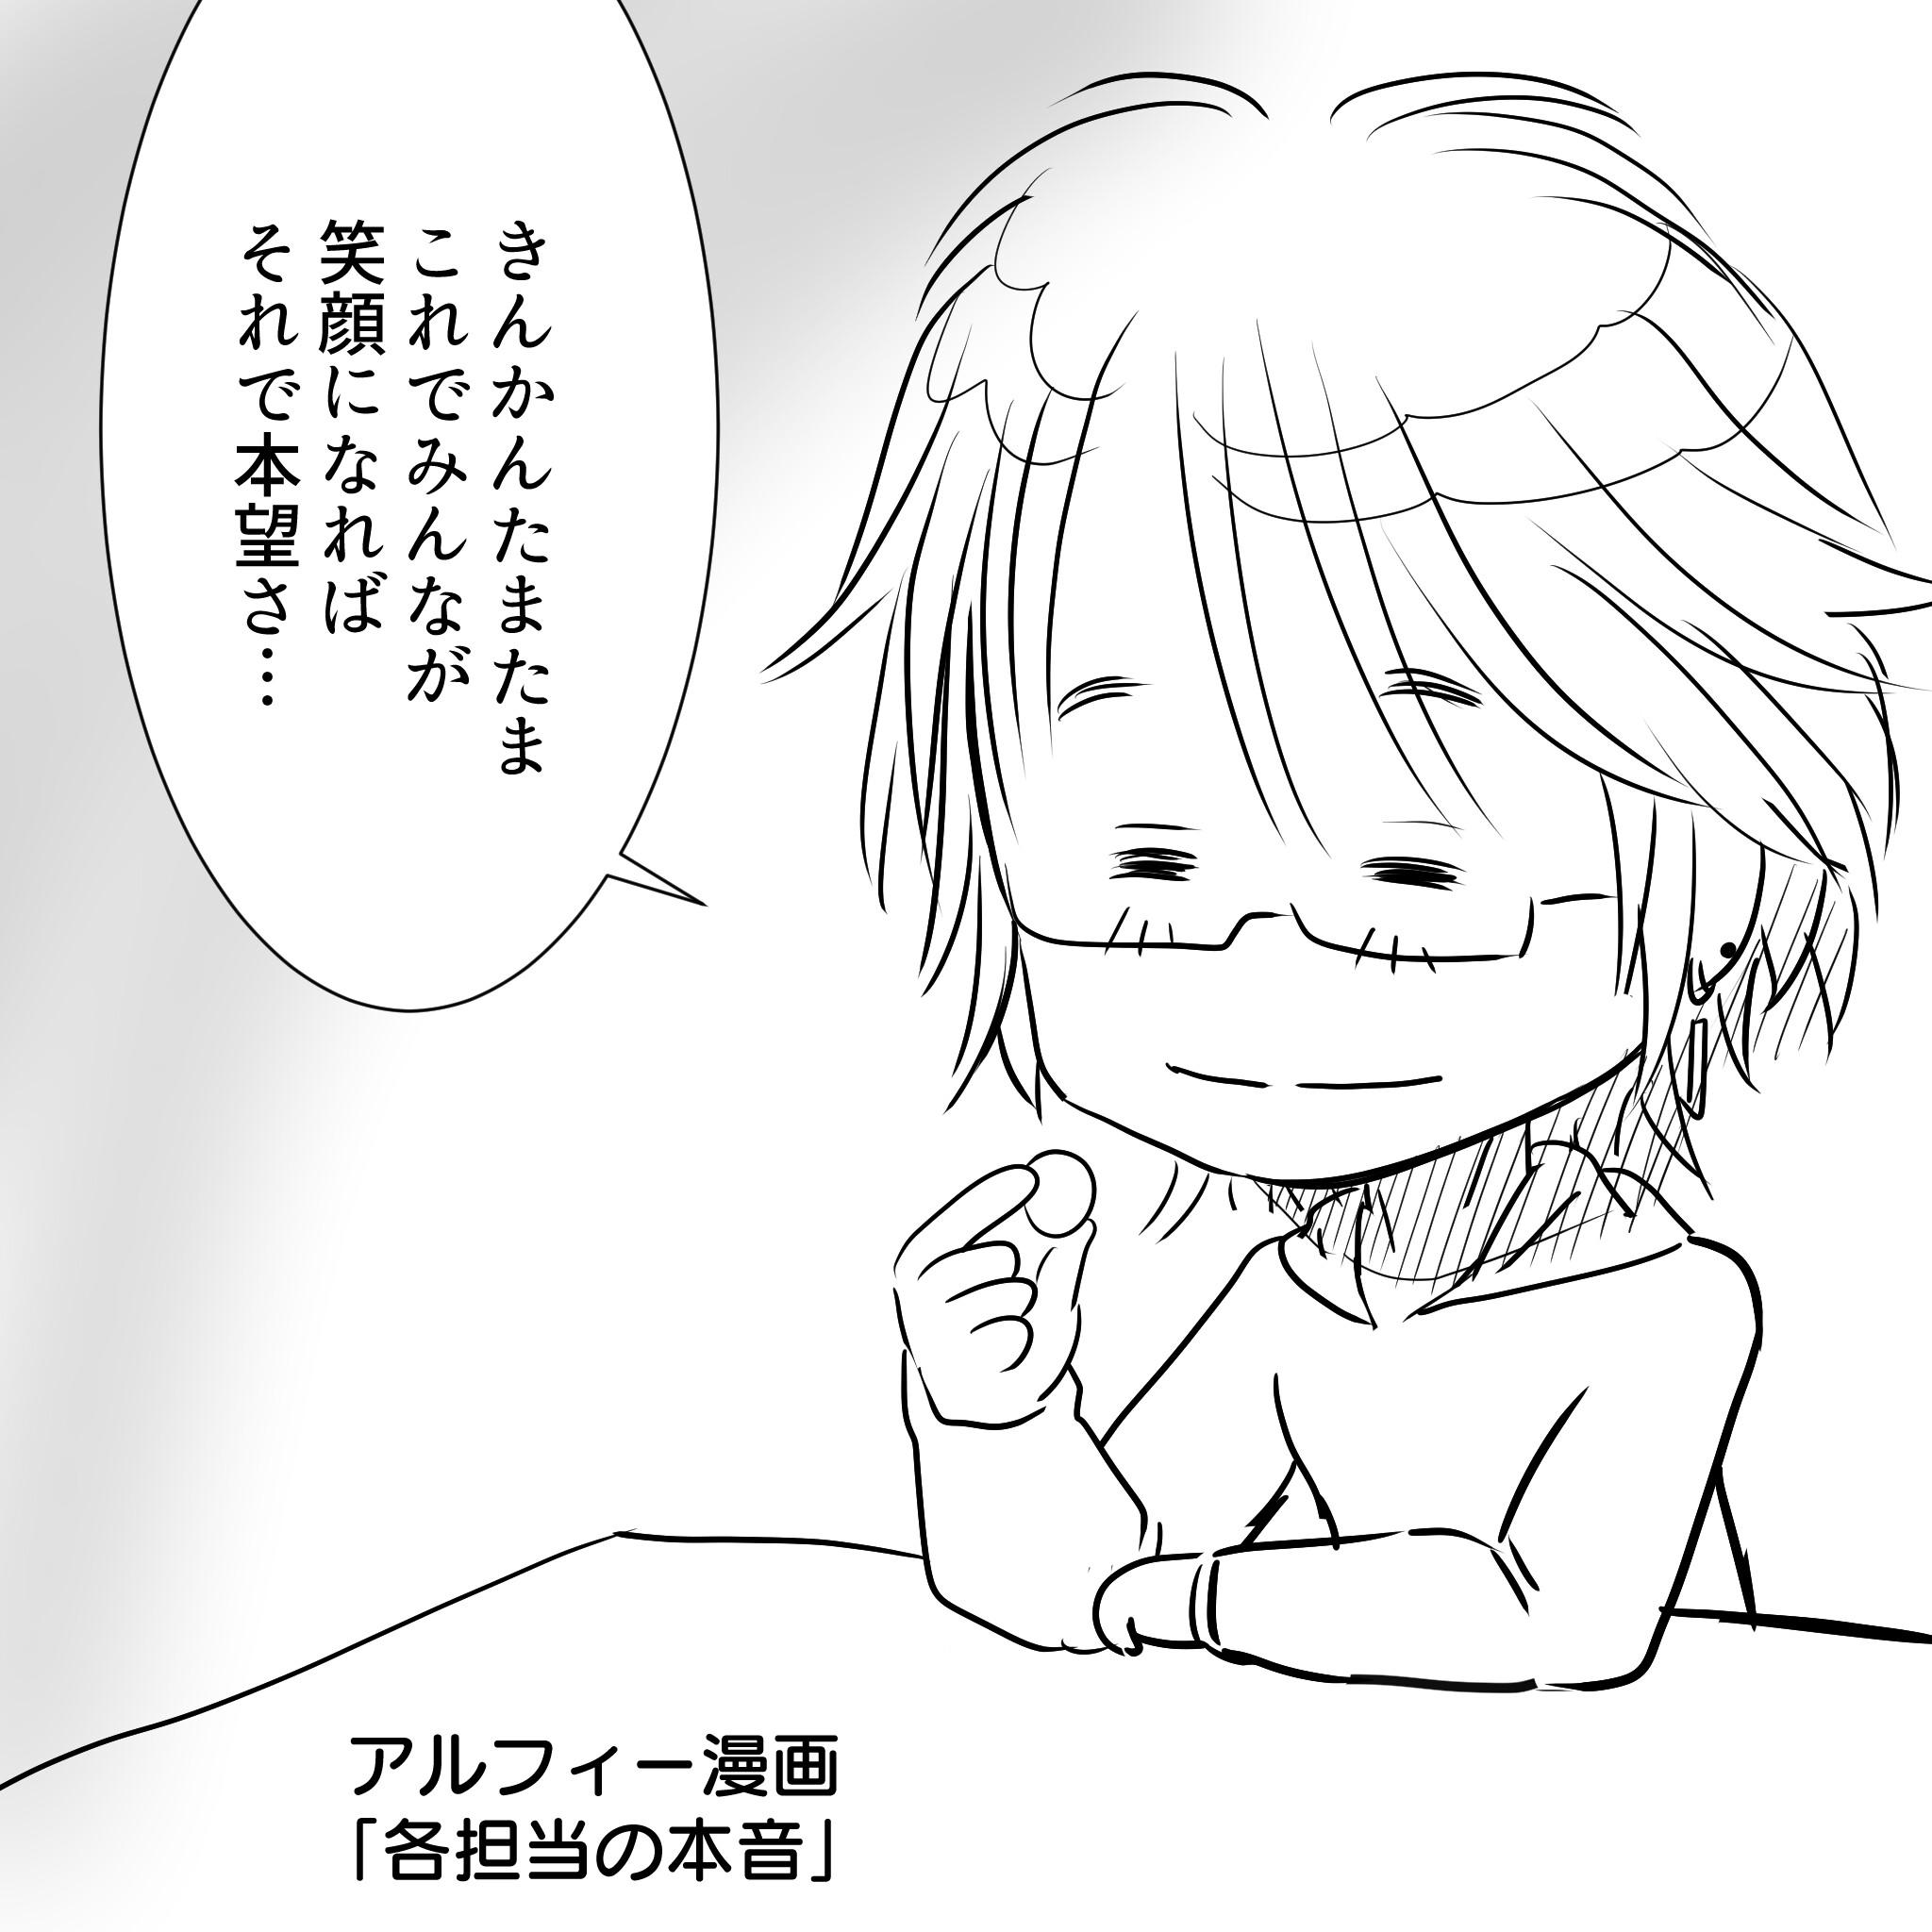 きんかんたまたま坂崎1